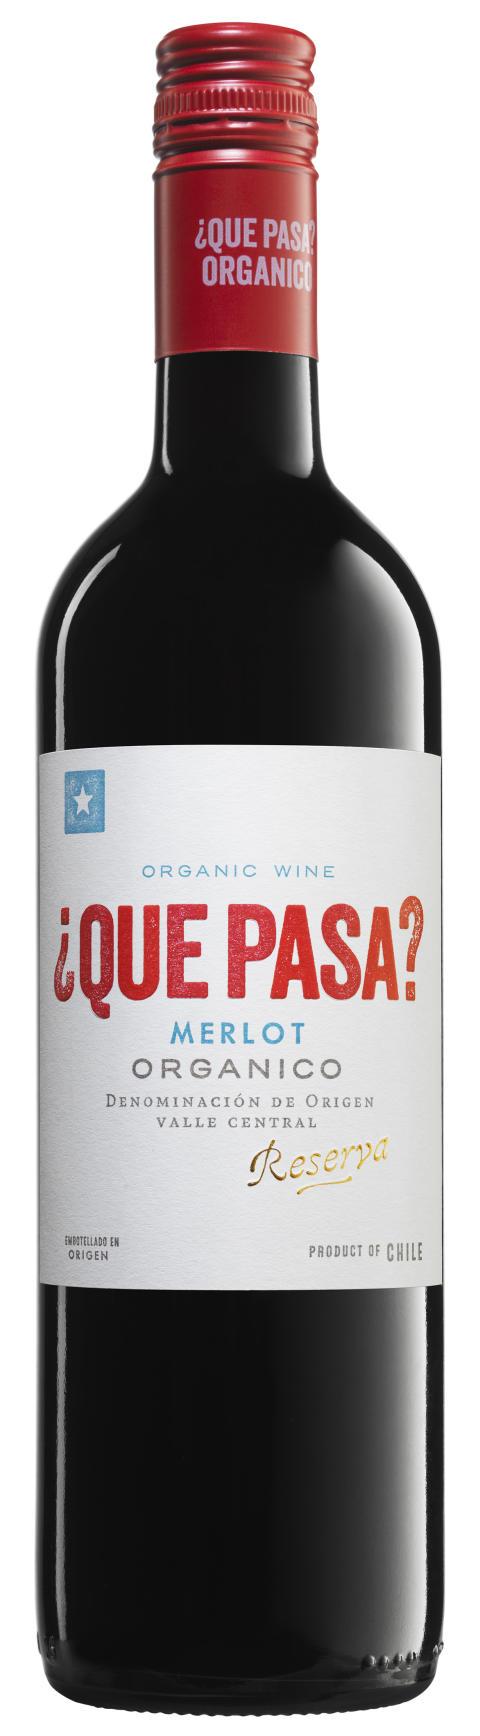 ¿Qué Pasa? Merlot Organico Reserva 2015